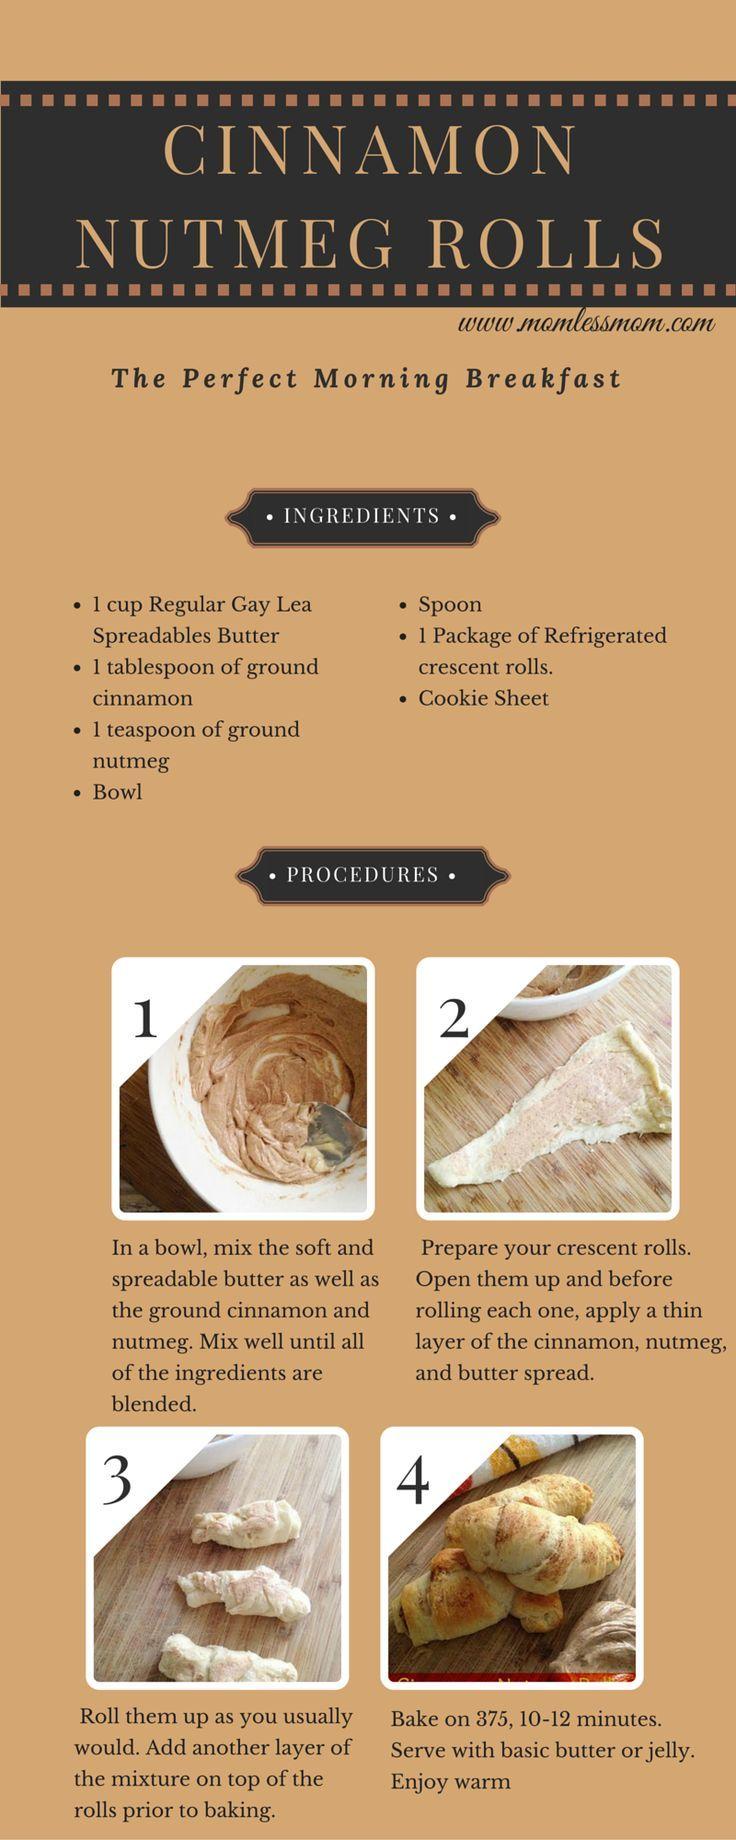 Cinnamon Nutmeg Rolls Recipe